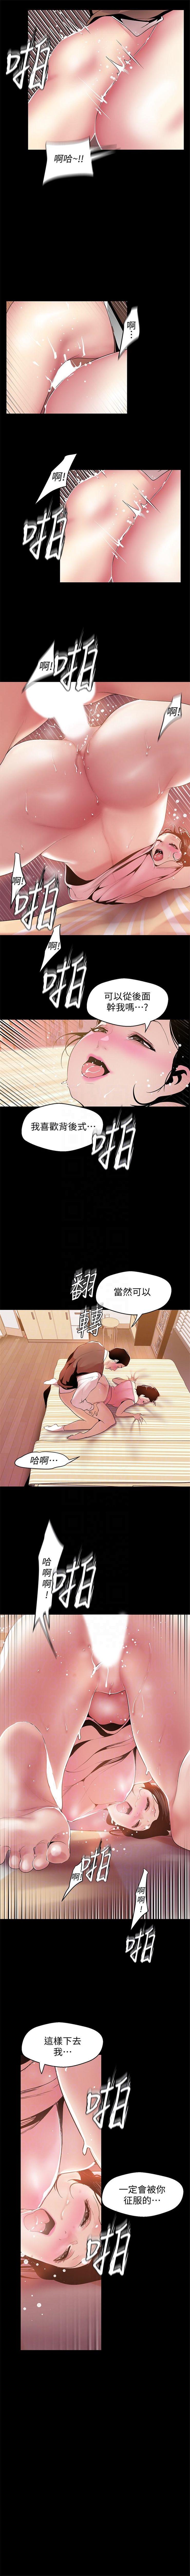 (週1)美麗新世界 1-70 中文翻譯 (更新中) 394